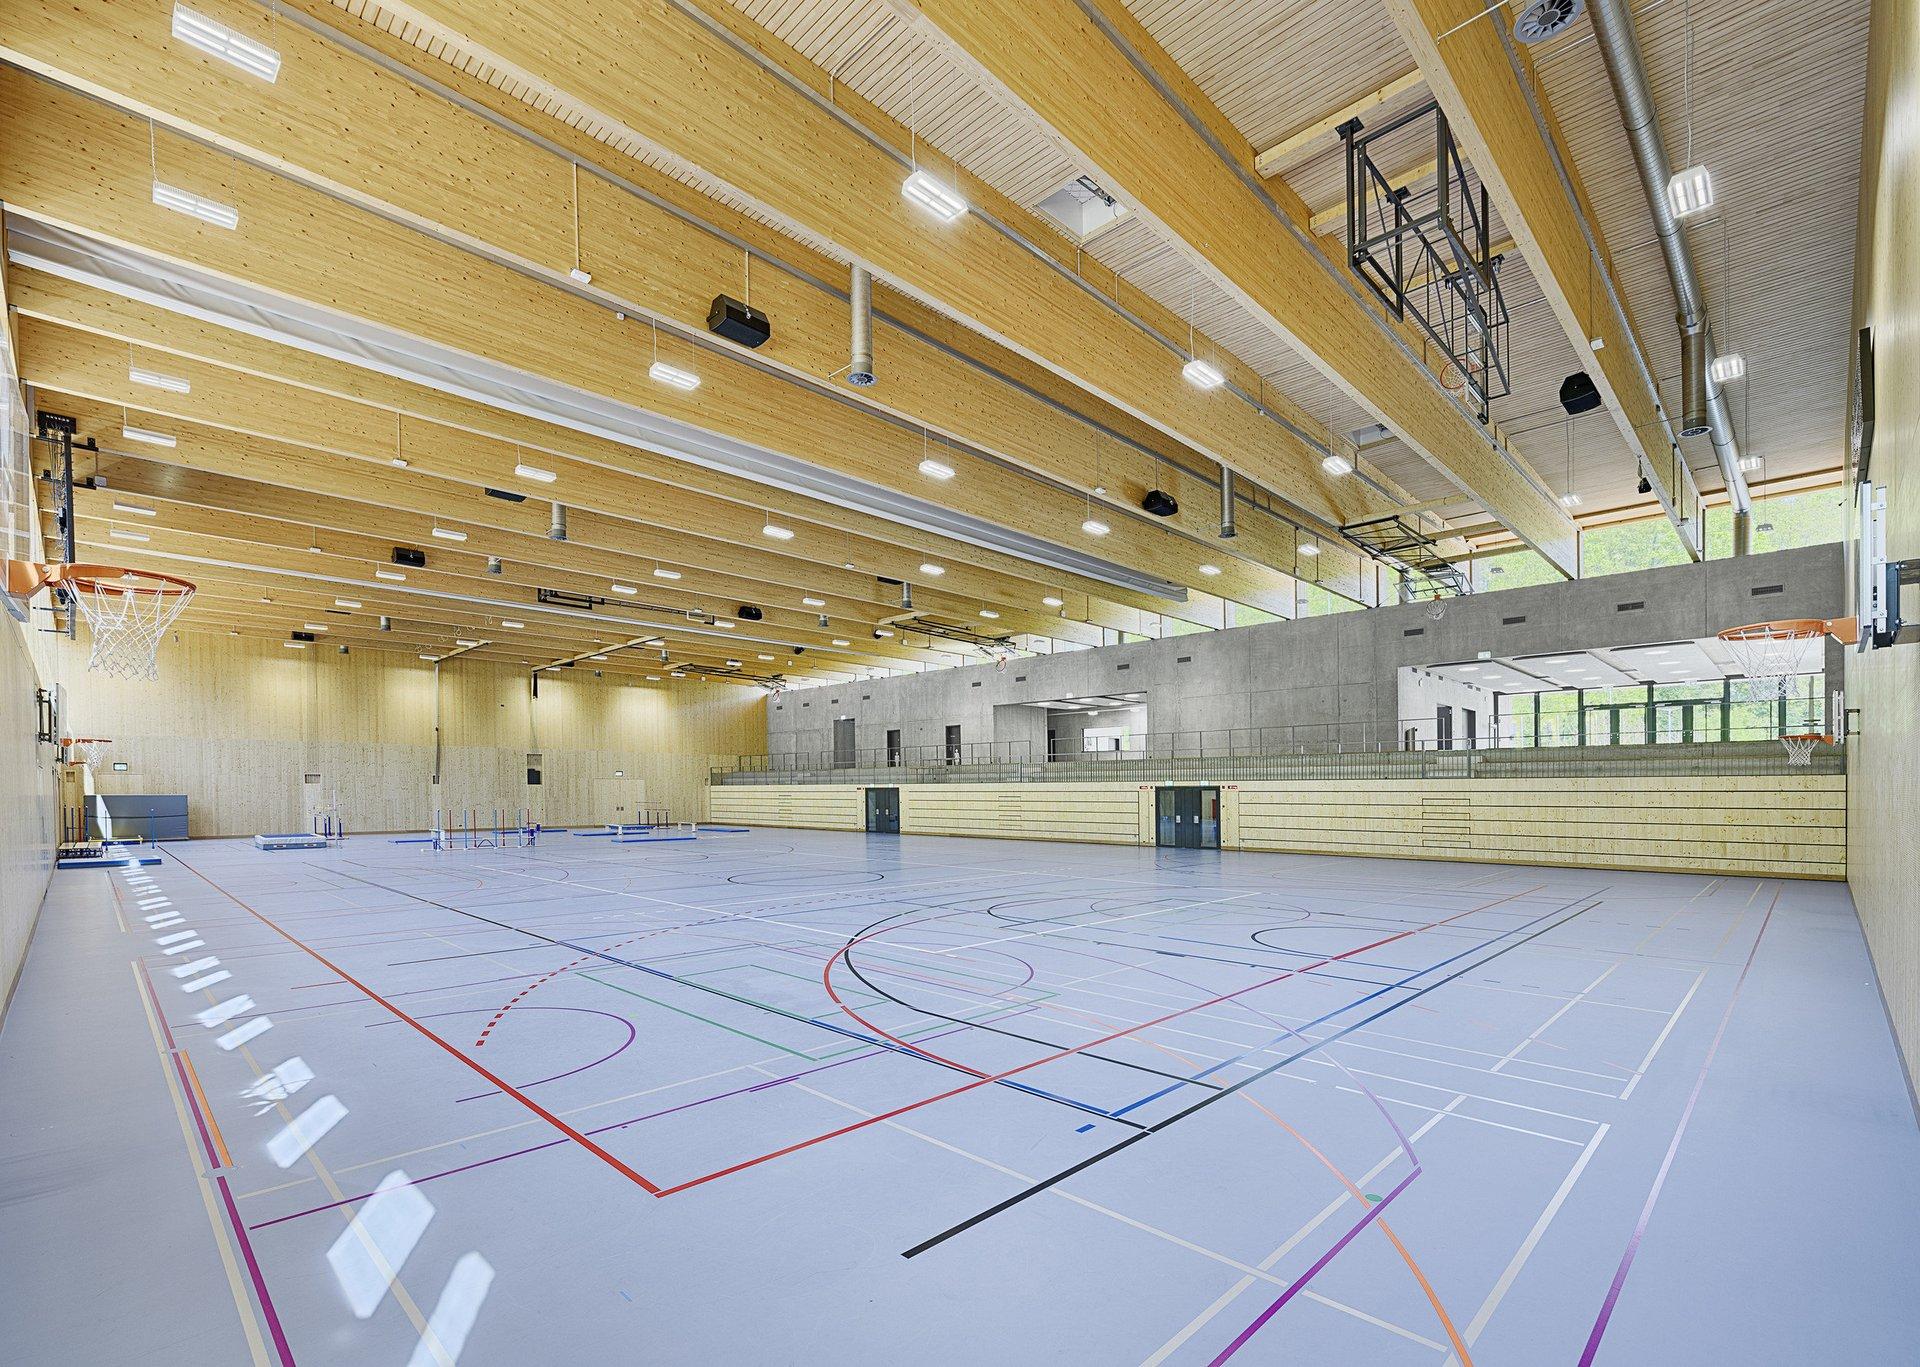 Salle de sport triple avec vue sur tribune